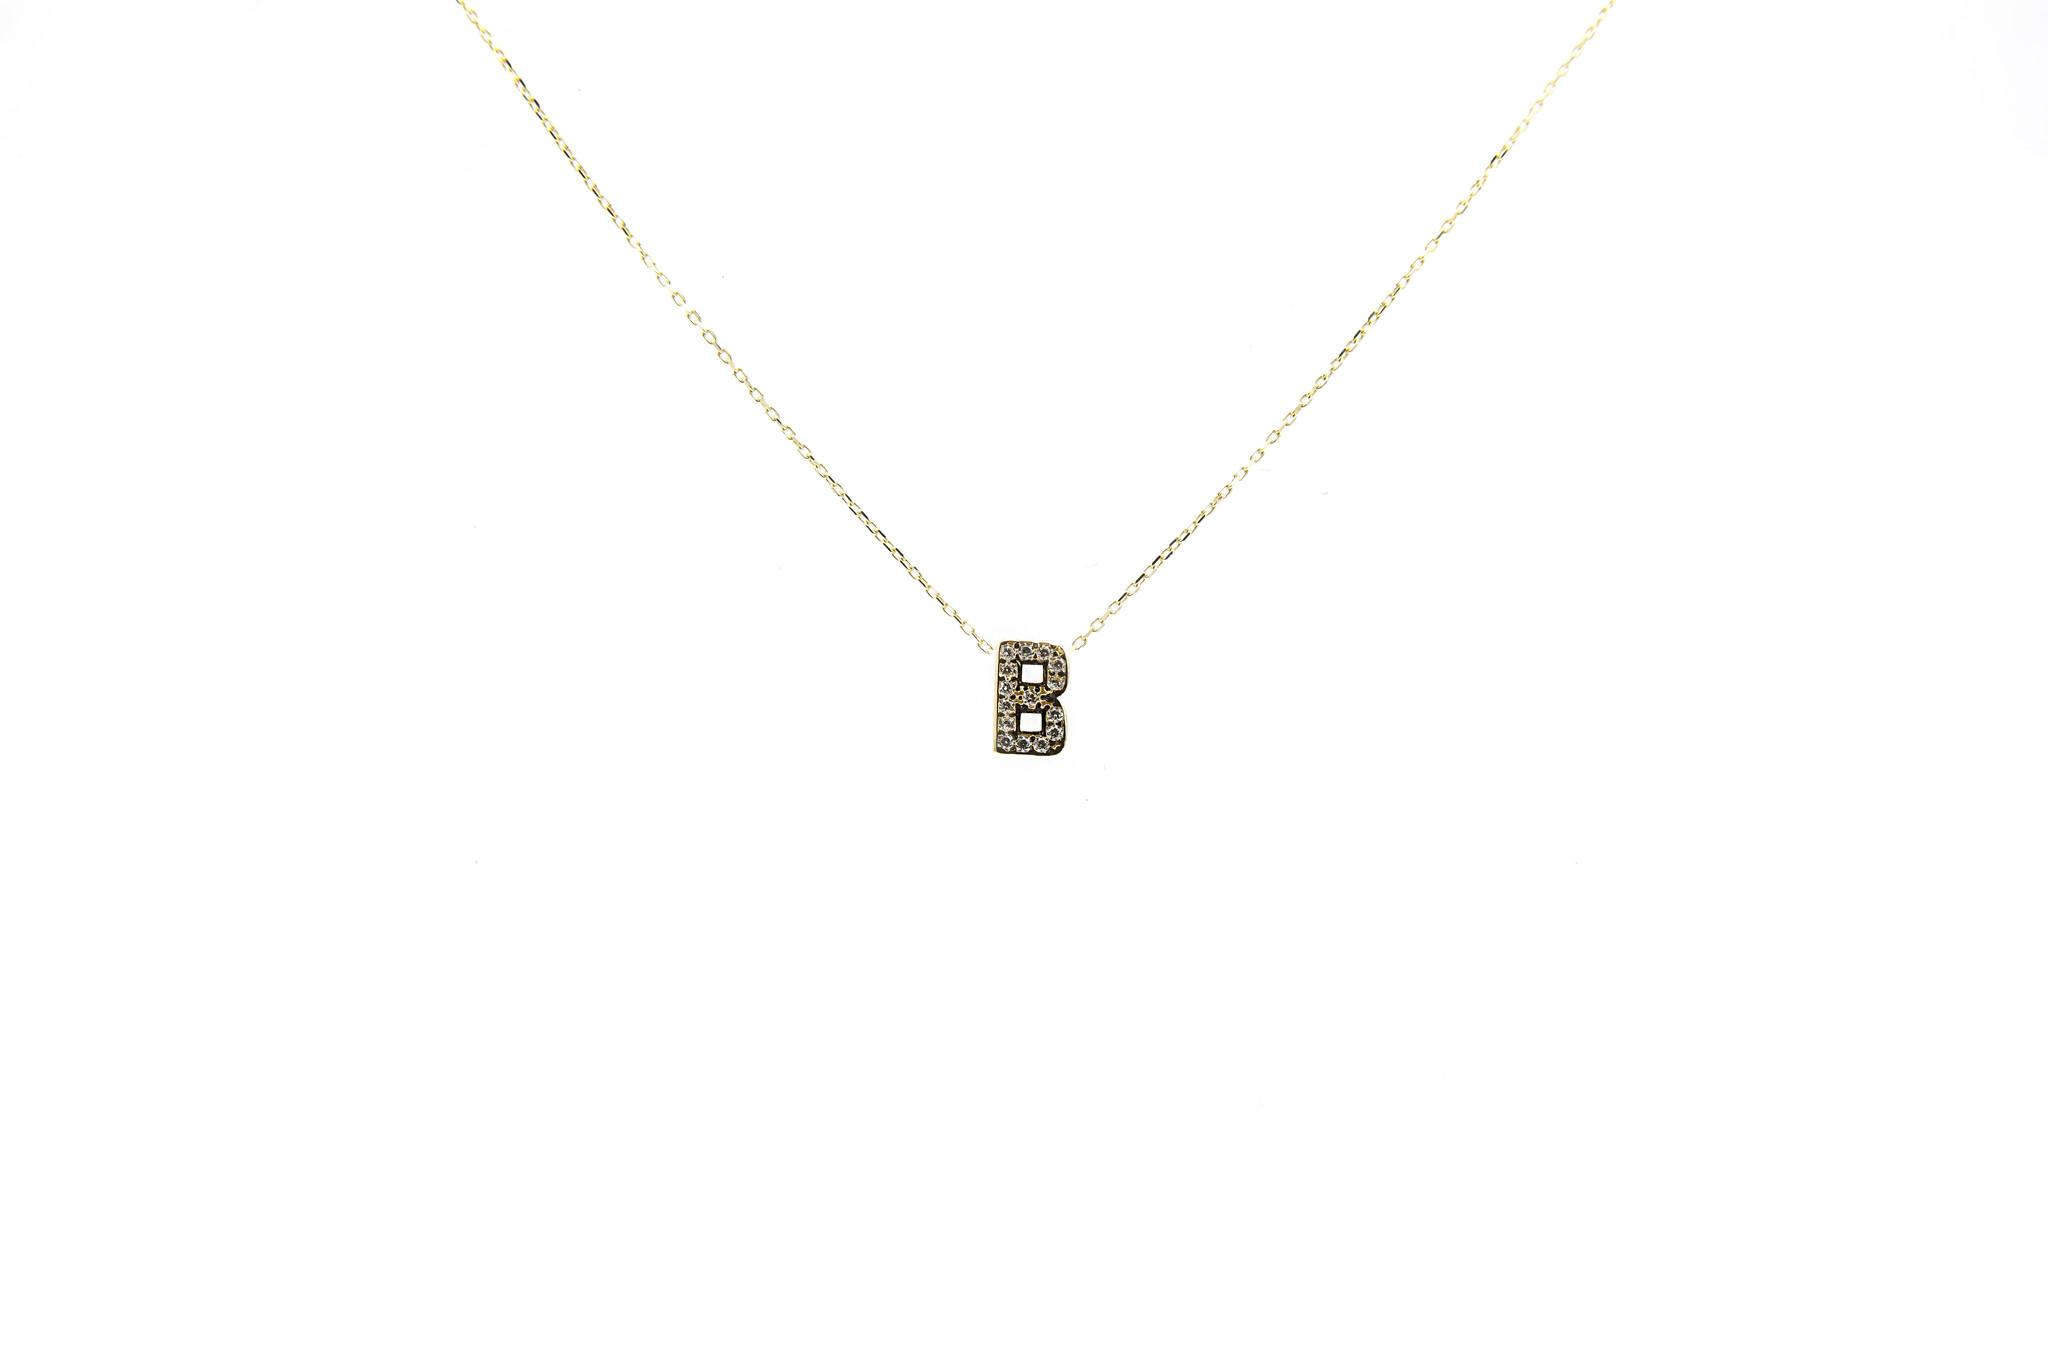 Ketting met vaste hanger letter B met zirkonia's-2